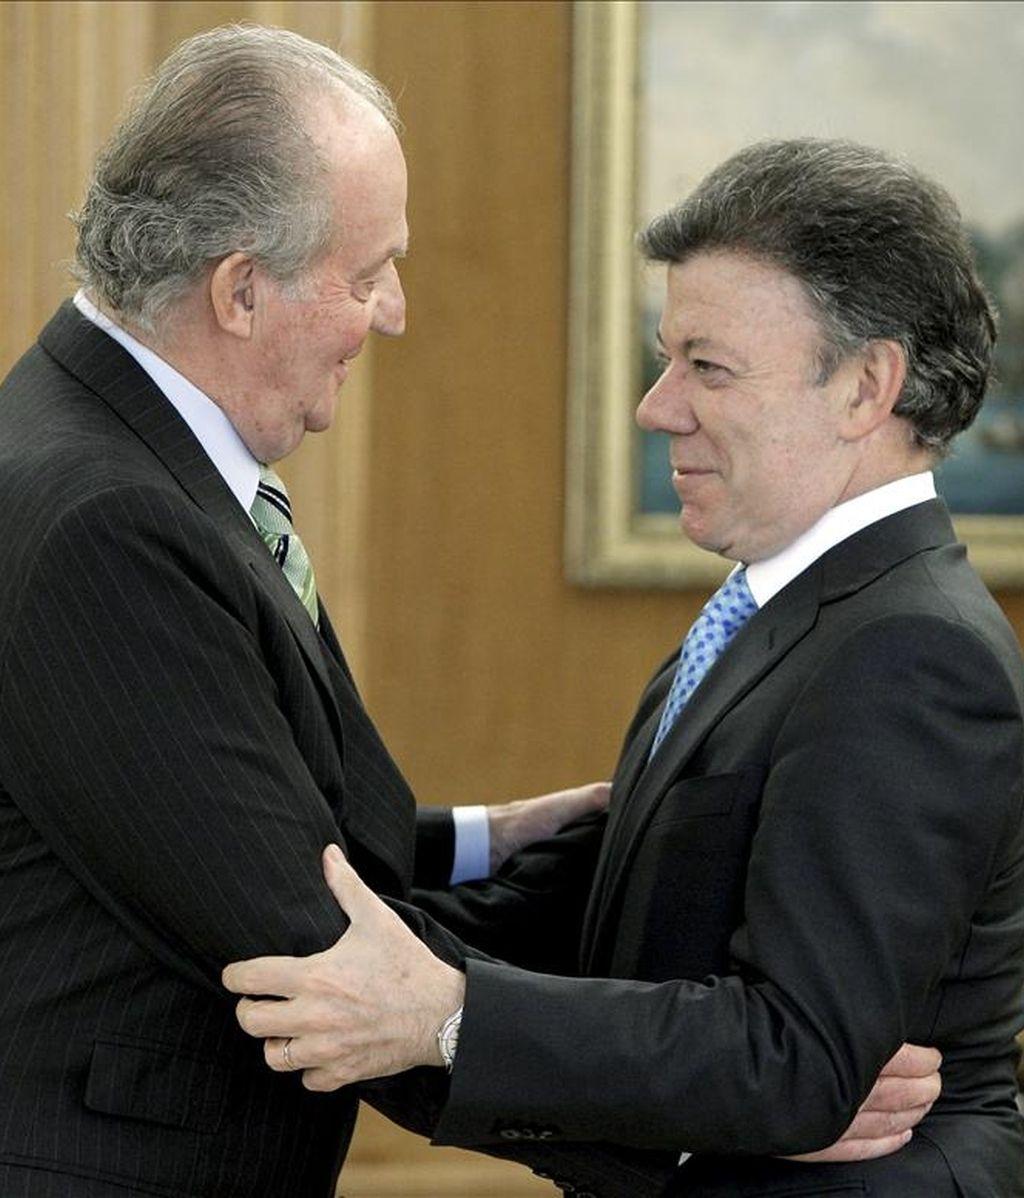 El rey Juan Carlos recibió, en el Palacio de la Zarzuela, al presidente de Colombia, Juan Manuel Santos, que comienza hoy su primera visita oficial a España. EFE